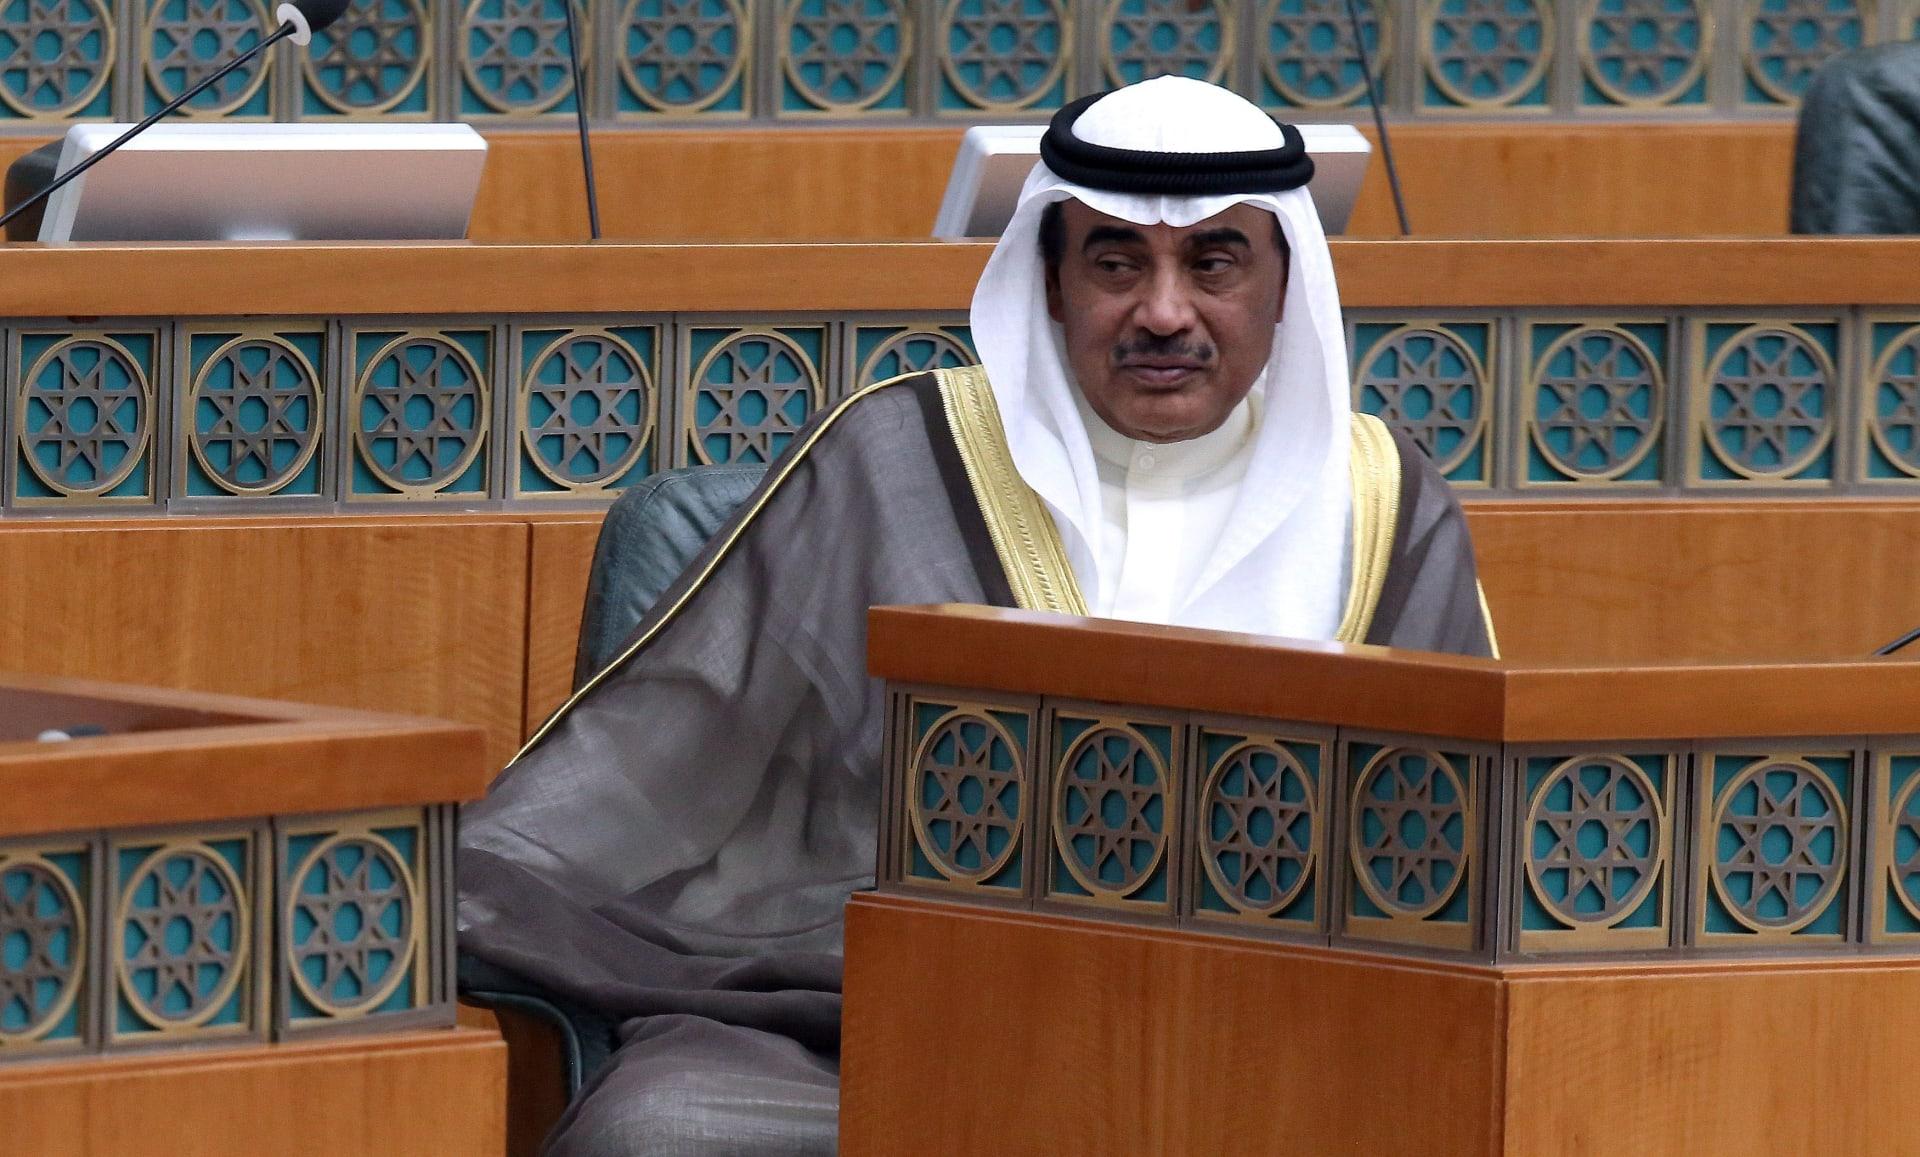 """الكويت تحذر من الوضع الإقليمي """"الملتهب"""".. وتؤكد استعدادها لأي تصعيد"""